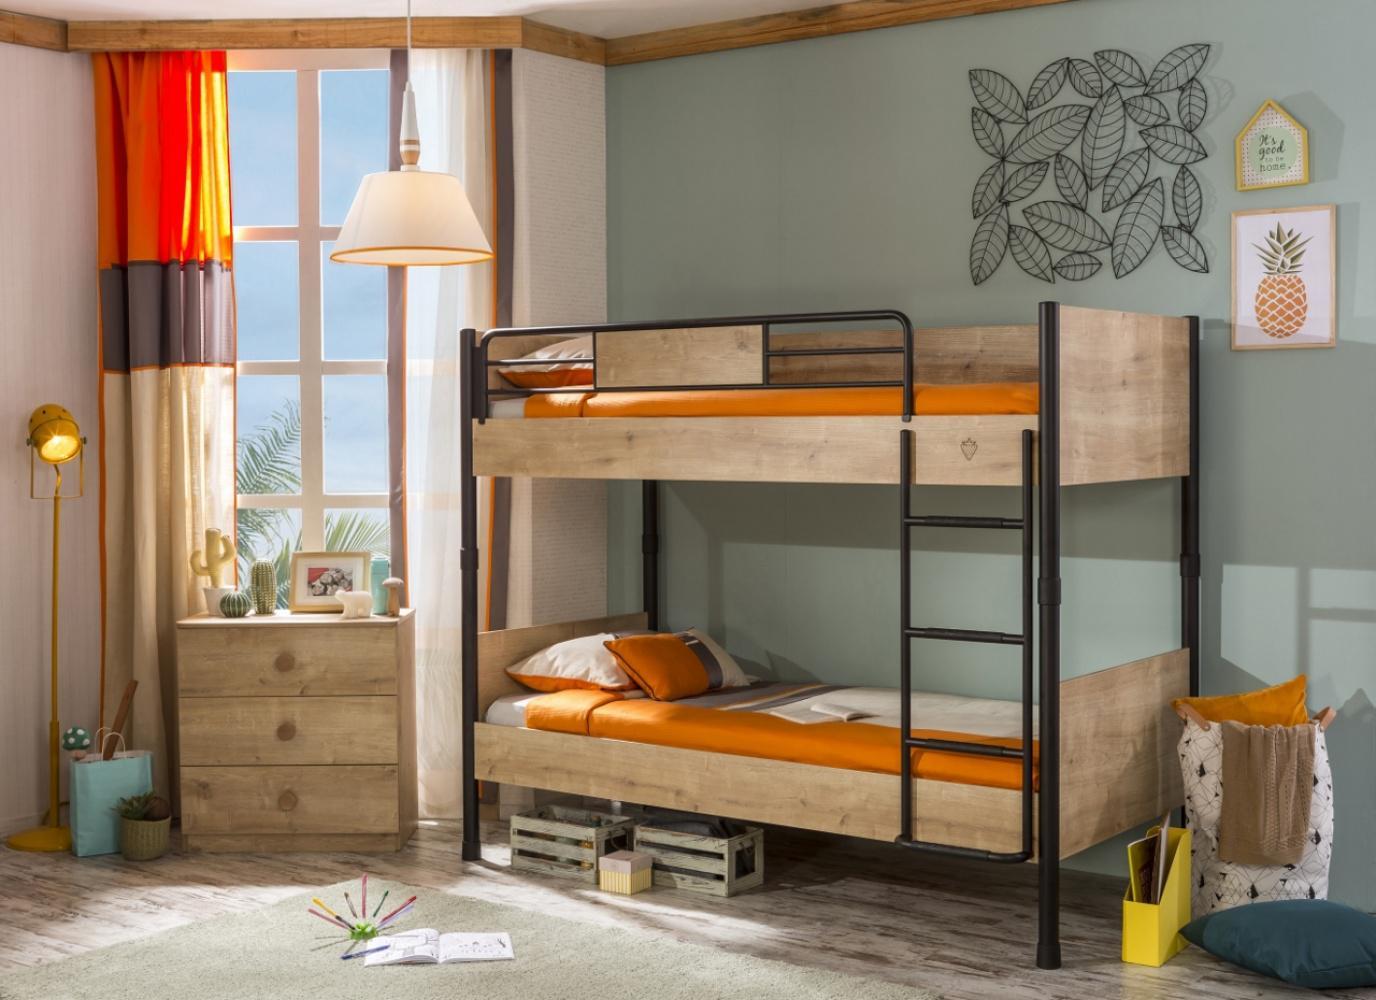 Etagenbett Leiter : Cilek mocha etagenbett mit leiter kaufen bei möbel lux